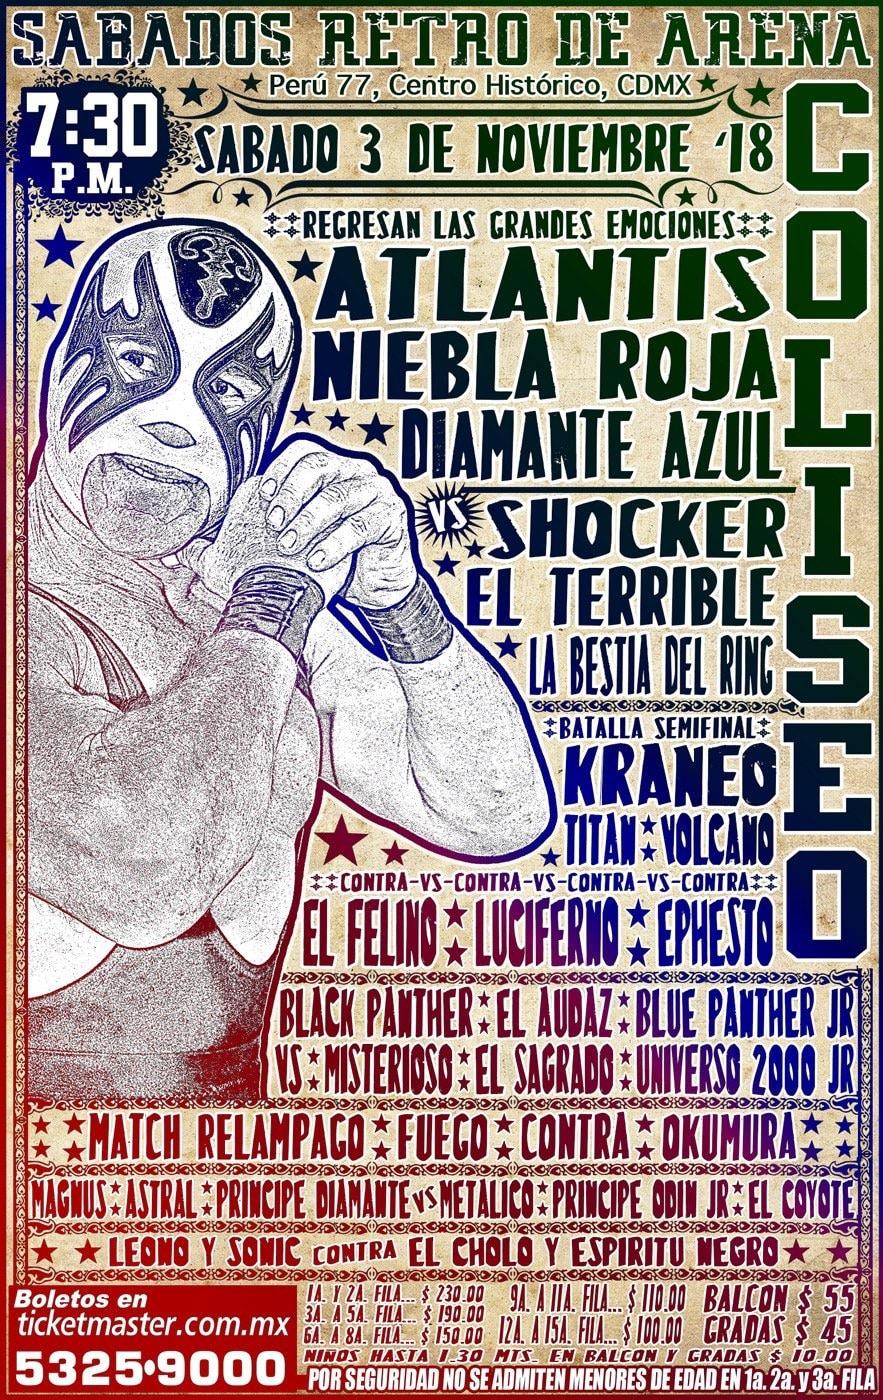 CMLL: Una mirada semanal al CMLL (Del 25 al 31 octubre de 2018) 2